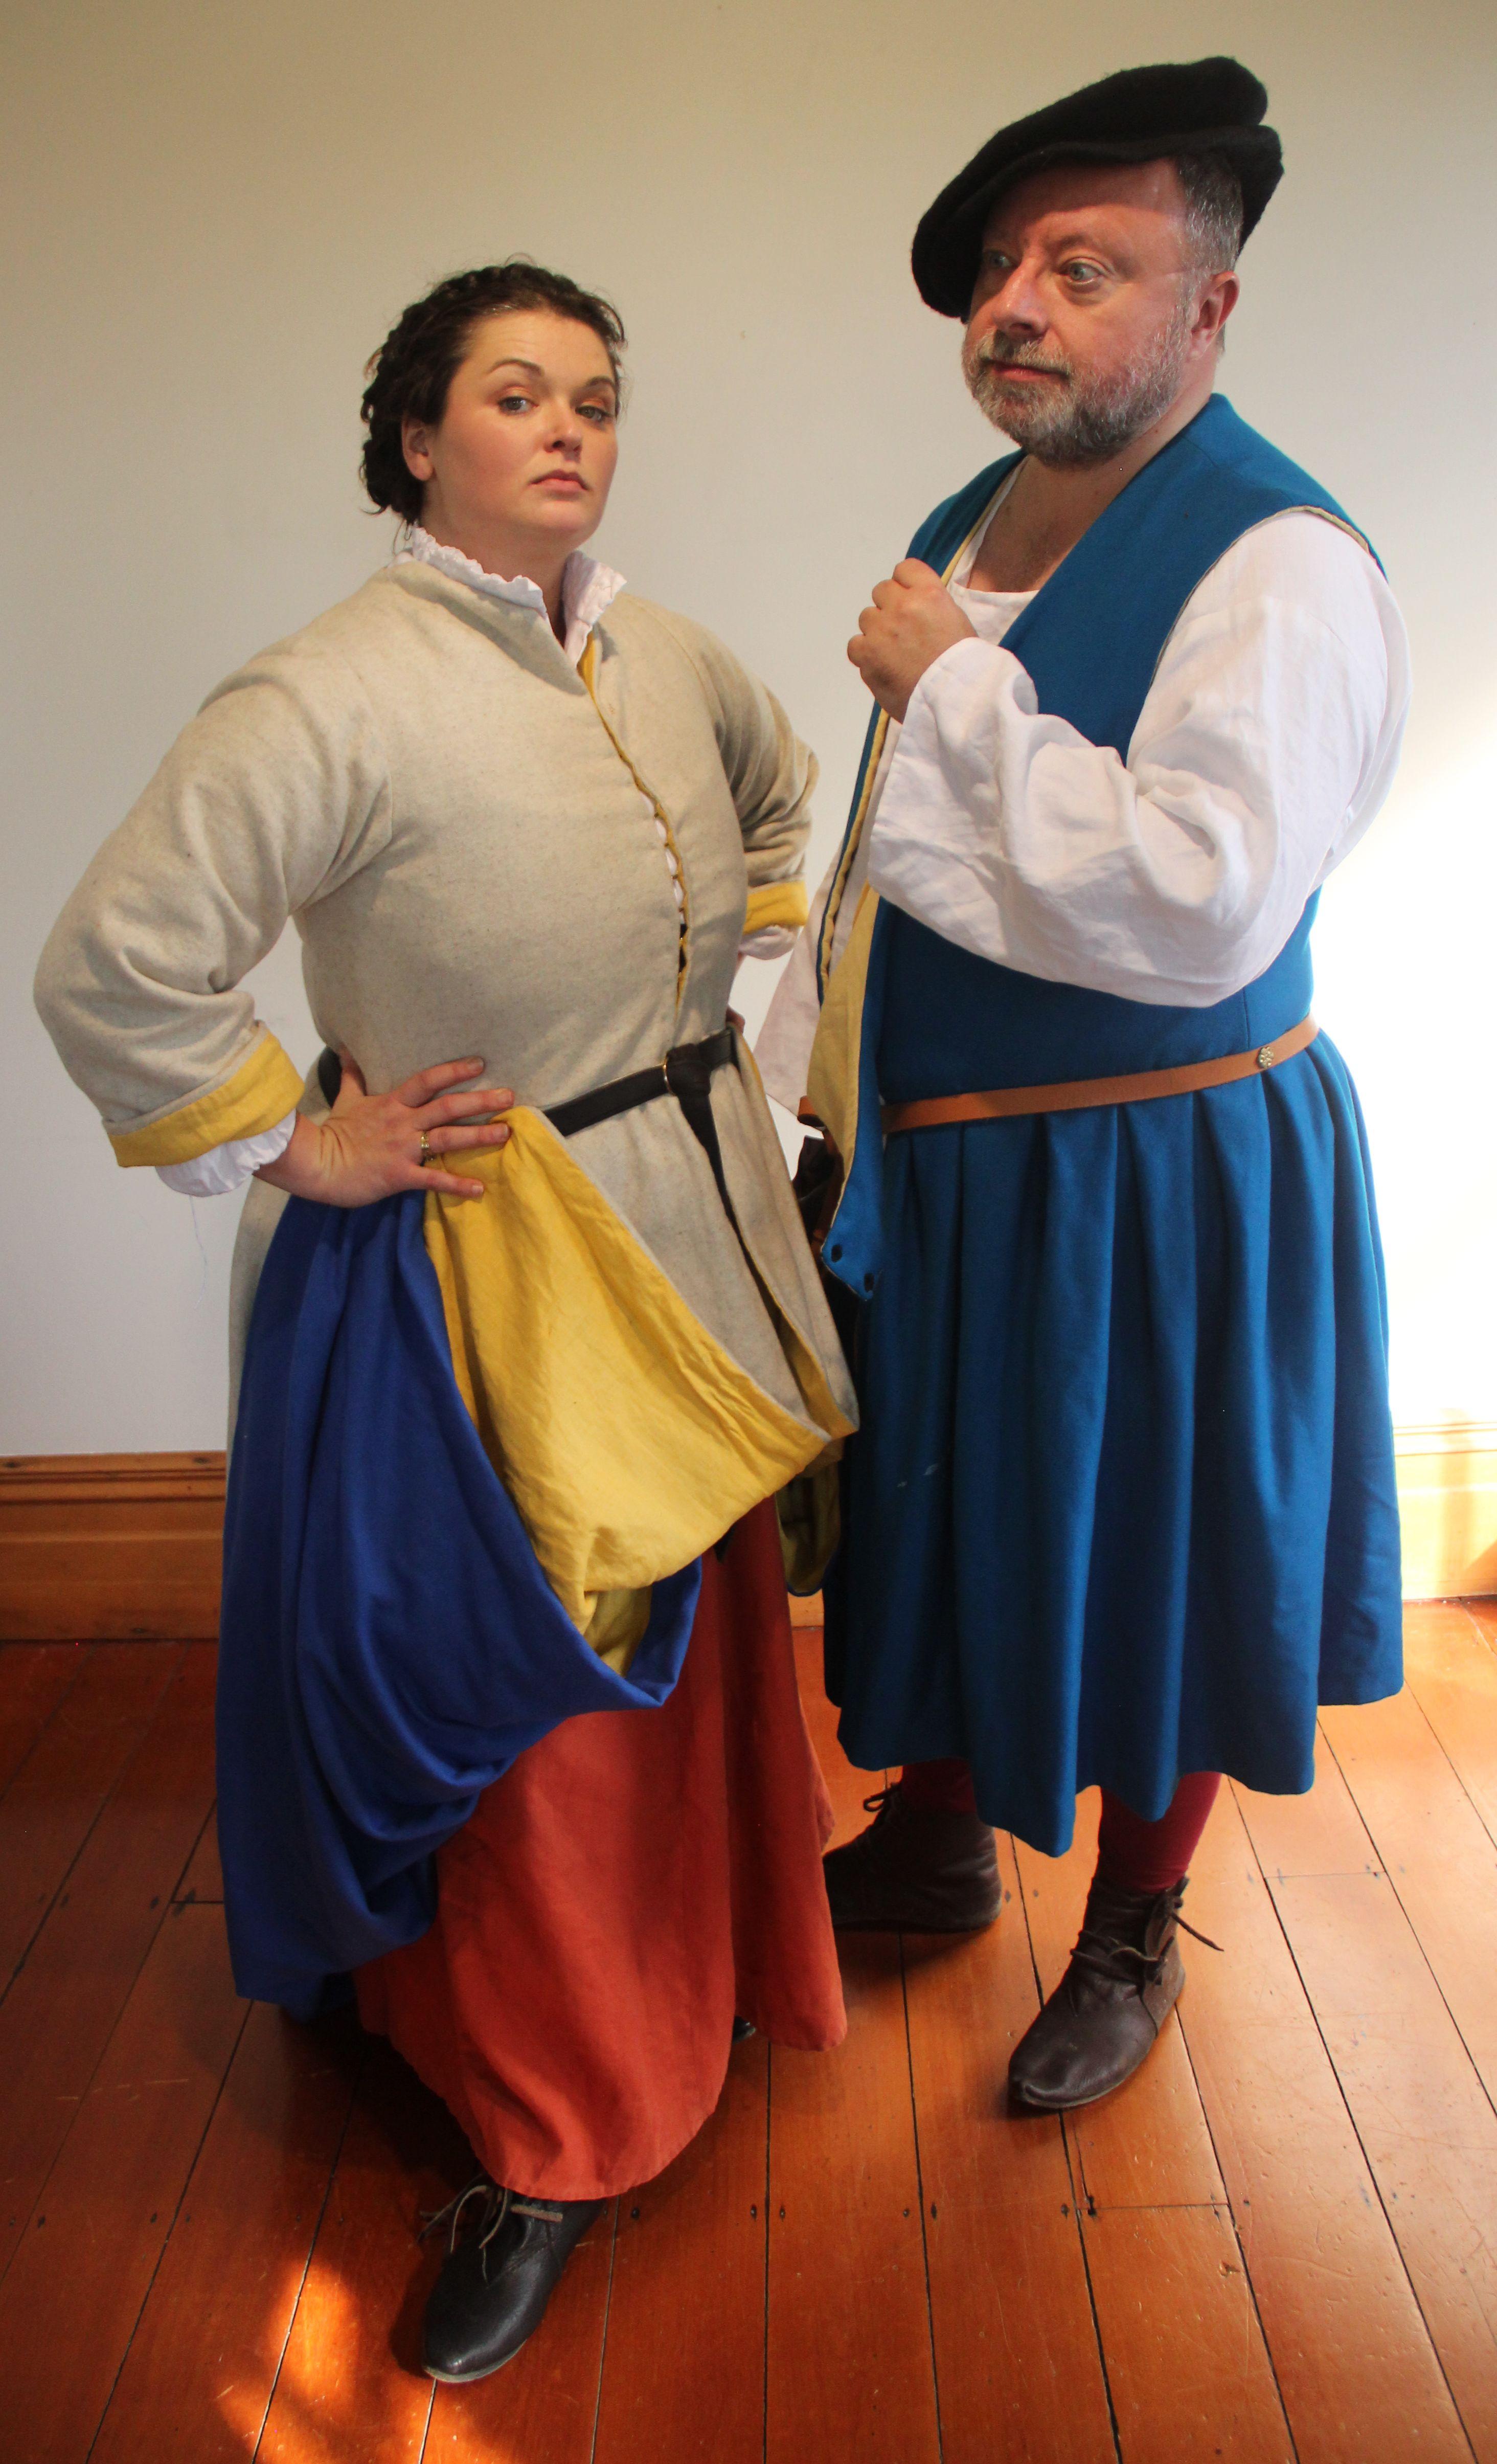 Brughel peasants